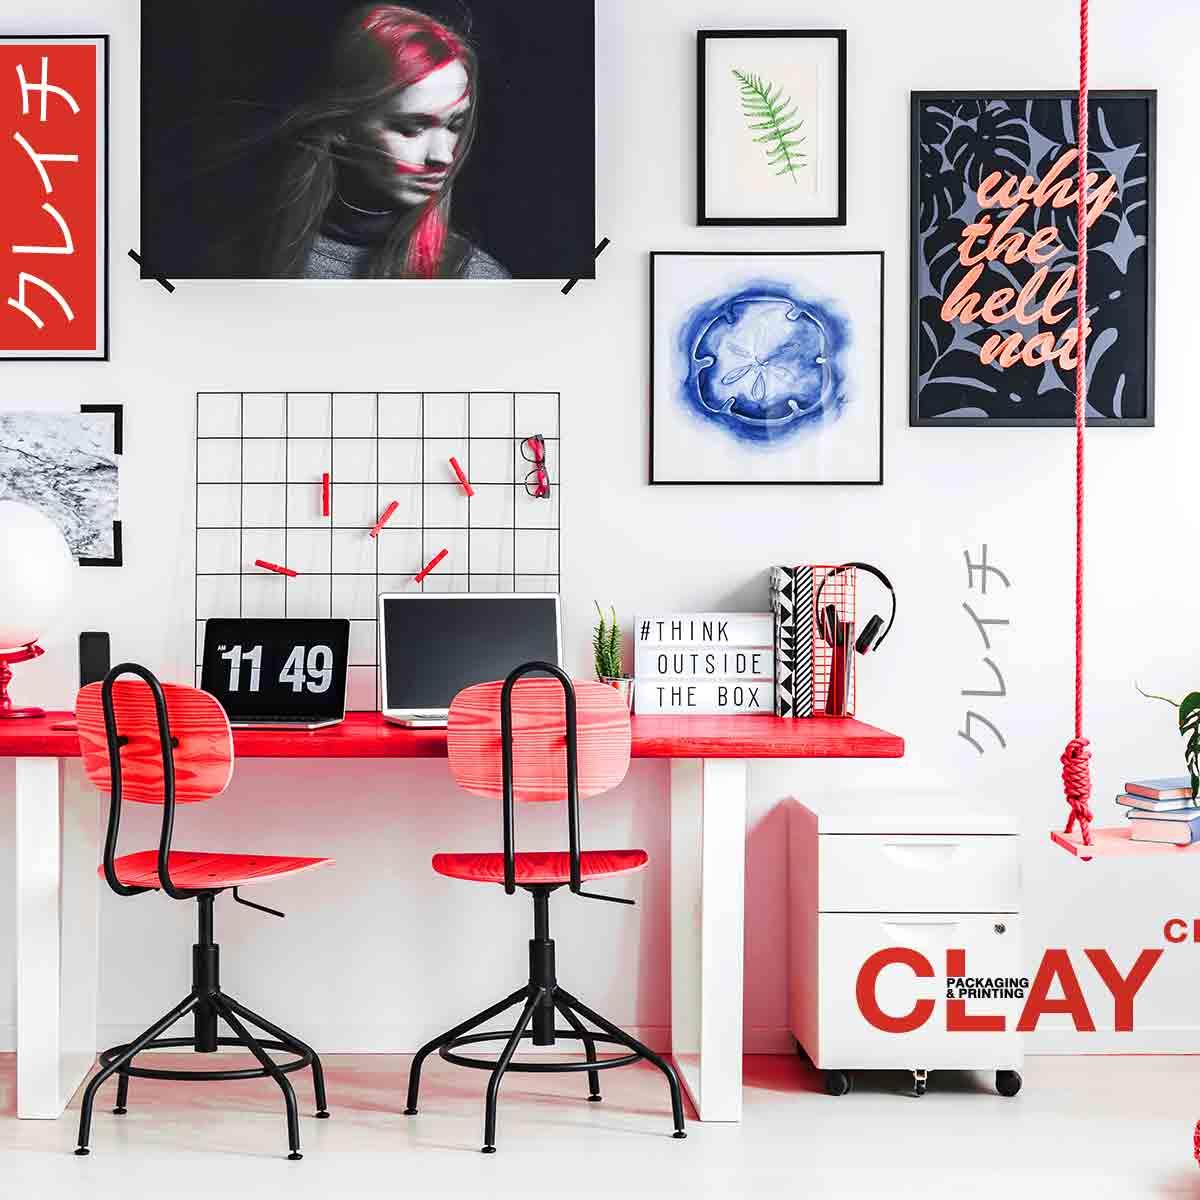 CLAYCI (เคลชี่) ผู้เชี่ยวชาญด้านการผลิตบรรจุภัณฑ์ที่มีระดับแบบครบวงจร ดีไซเนอร์จากญี่ปุ่น วัสดุมีเอกลักษณ์ ตอบโจทย์ทุกความต้องการ มีบริการออกแบบบรรจุภัณฑ์ เพื่อให้สินค้าโดดเด่น ขายได้ โดนใจ ขายดีในไทยและต่างประเทศ ด้วยเทคนิคการพิมพ์ใหม่ๆจากประเทศอังกฤษ นำเข้าสินค้ากระดาษพิเศษจาก อิตาลี, อเมริกา, ฝรั่งเศส ซึ่งมีคุณภาพสูง สร้างความแตกต่าง สร้างคุณค่าให้กับสินค้าของคุณได้ด้วยการมอบประสบการณ์สุดพิเศษแก่ผู้บริโภคเมื่อสัมผัส